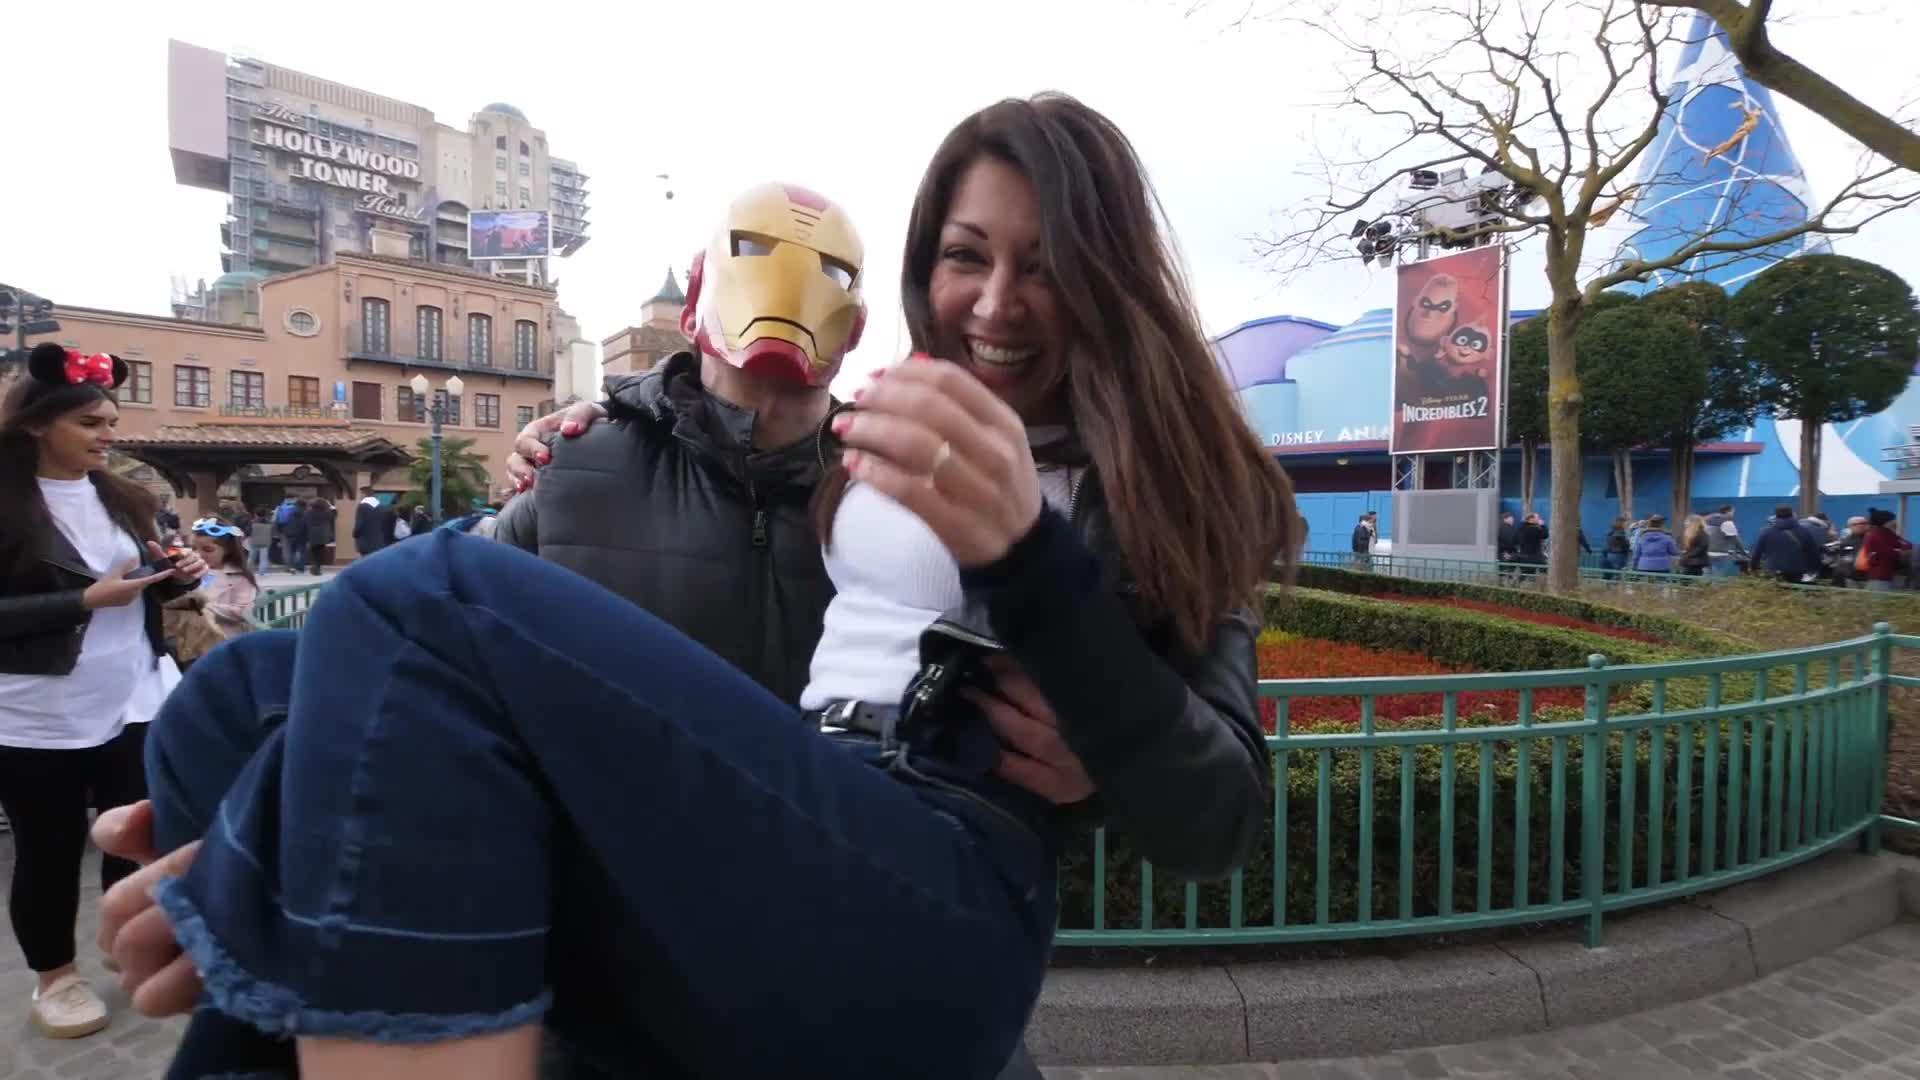 Nero lesbica anale tubo